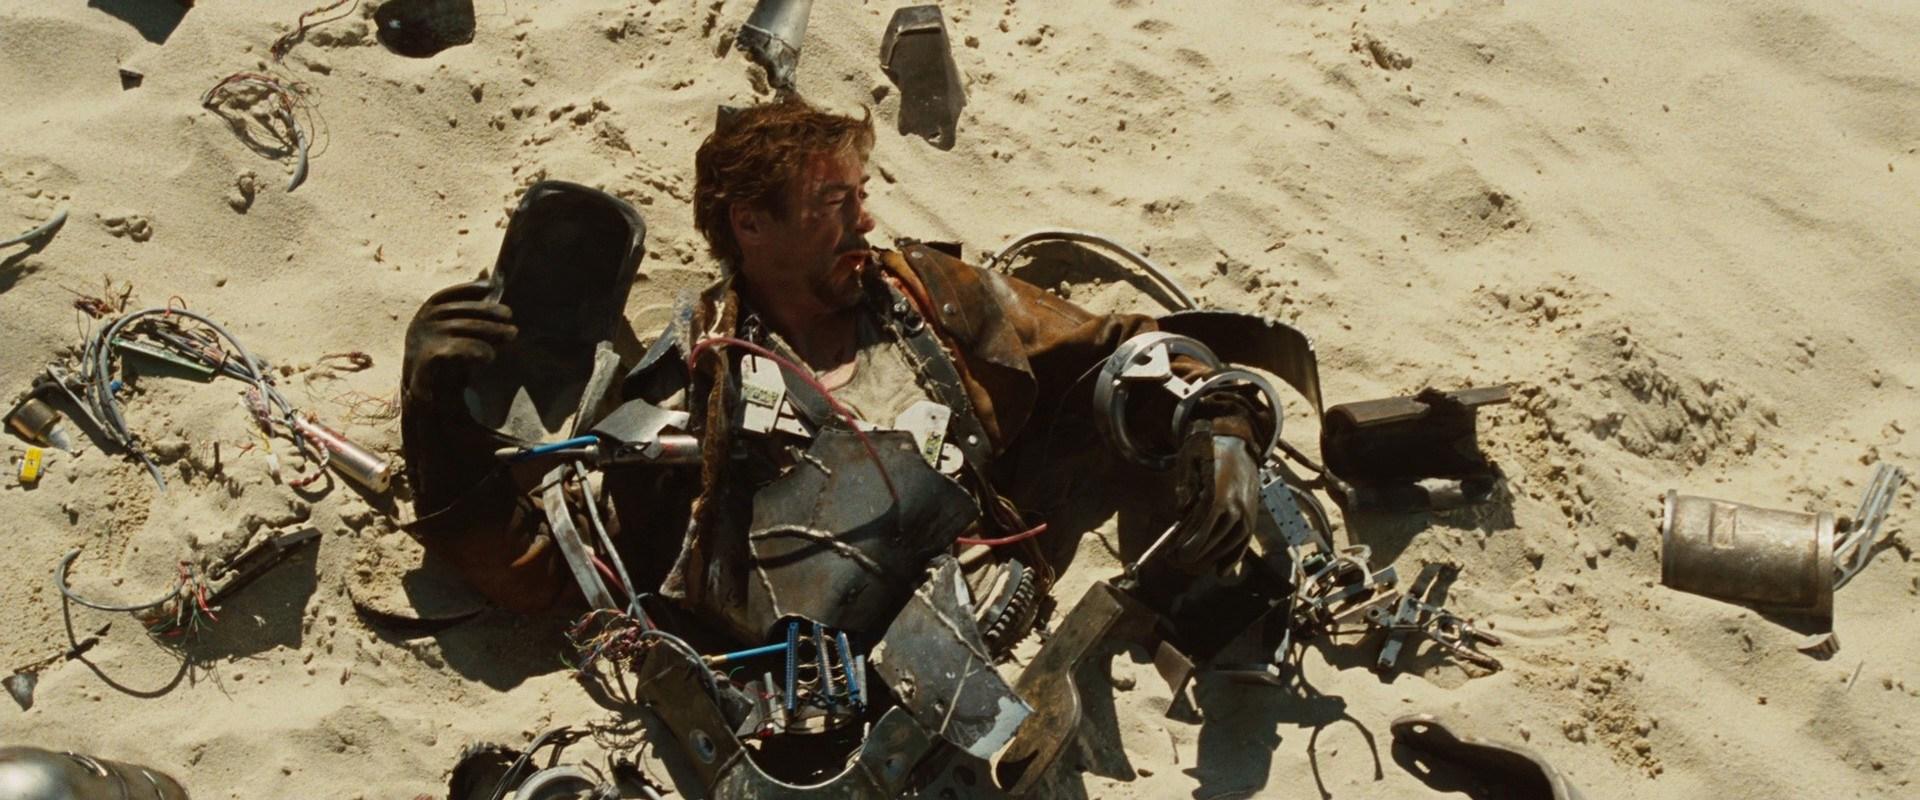 Tony Stark's desert escape